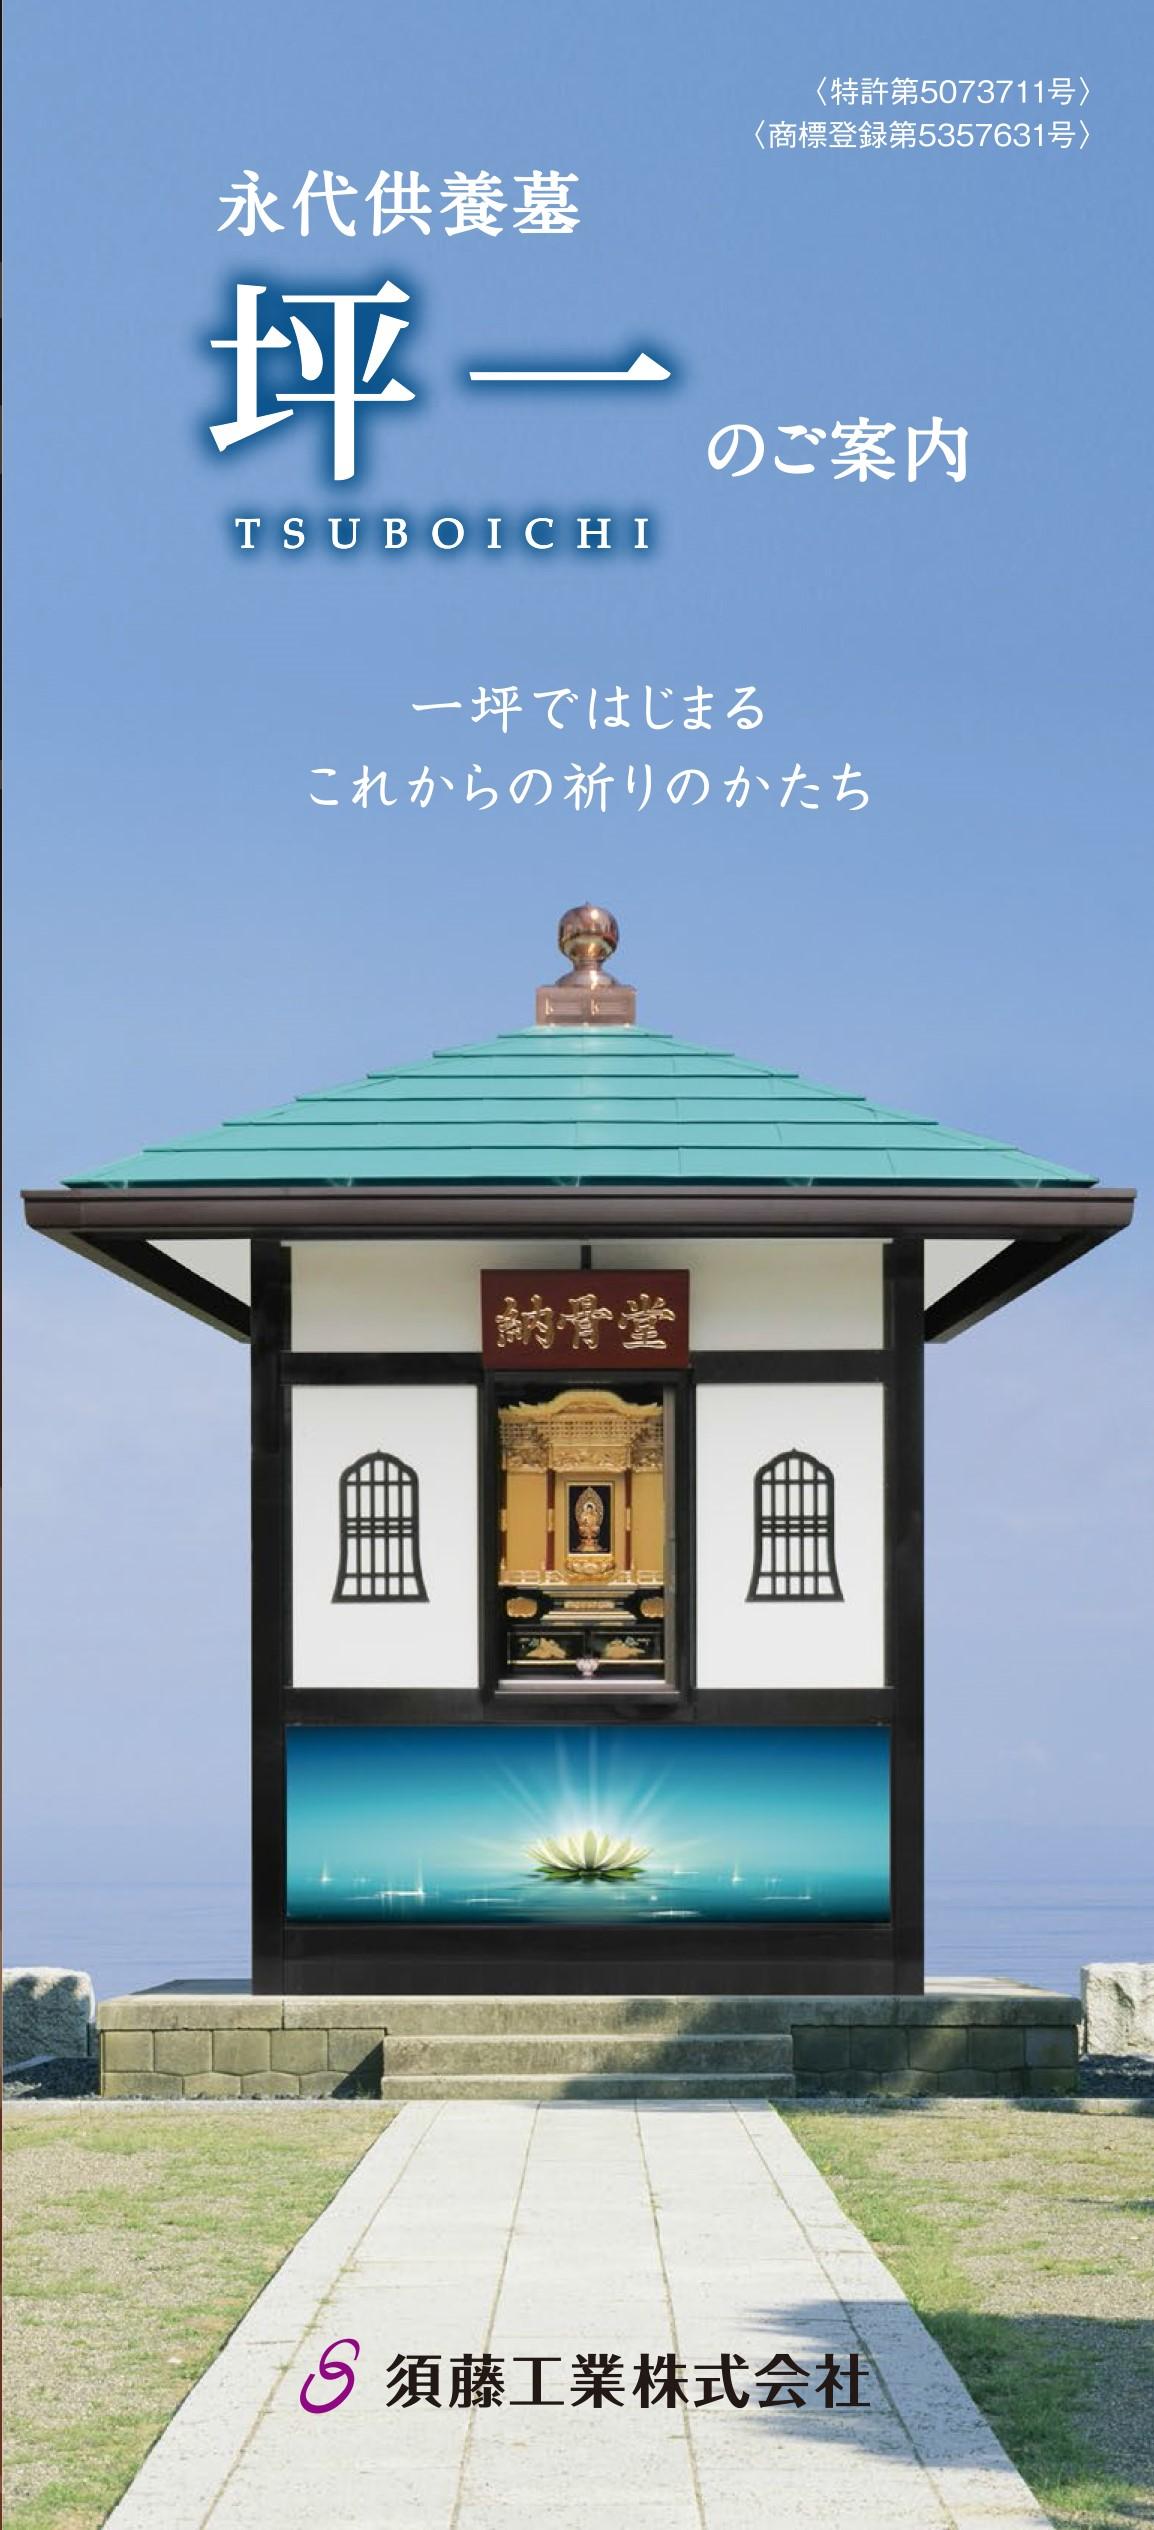 永代供養墓「坪一」 須藤工業株式会社